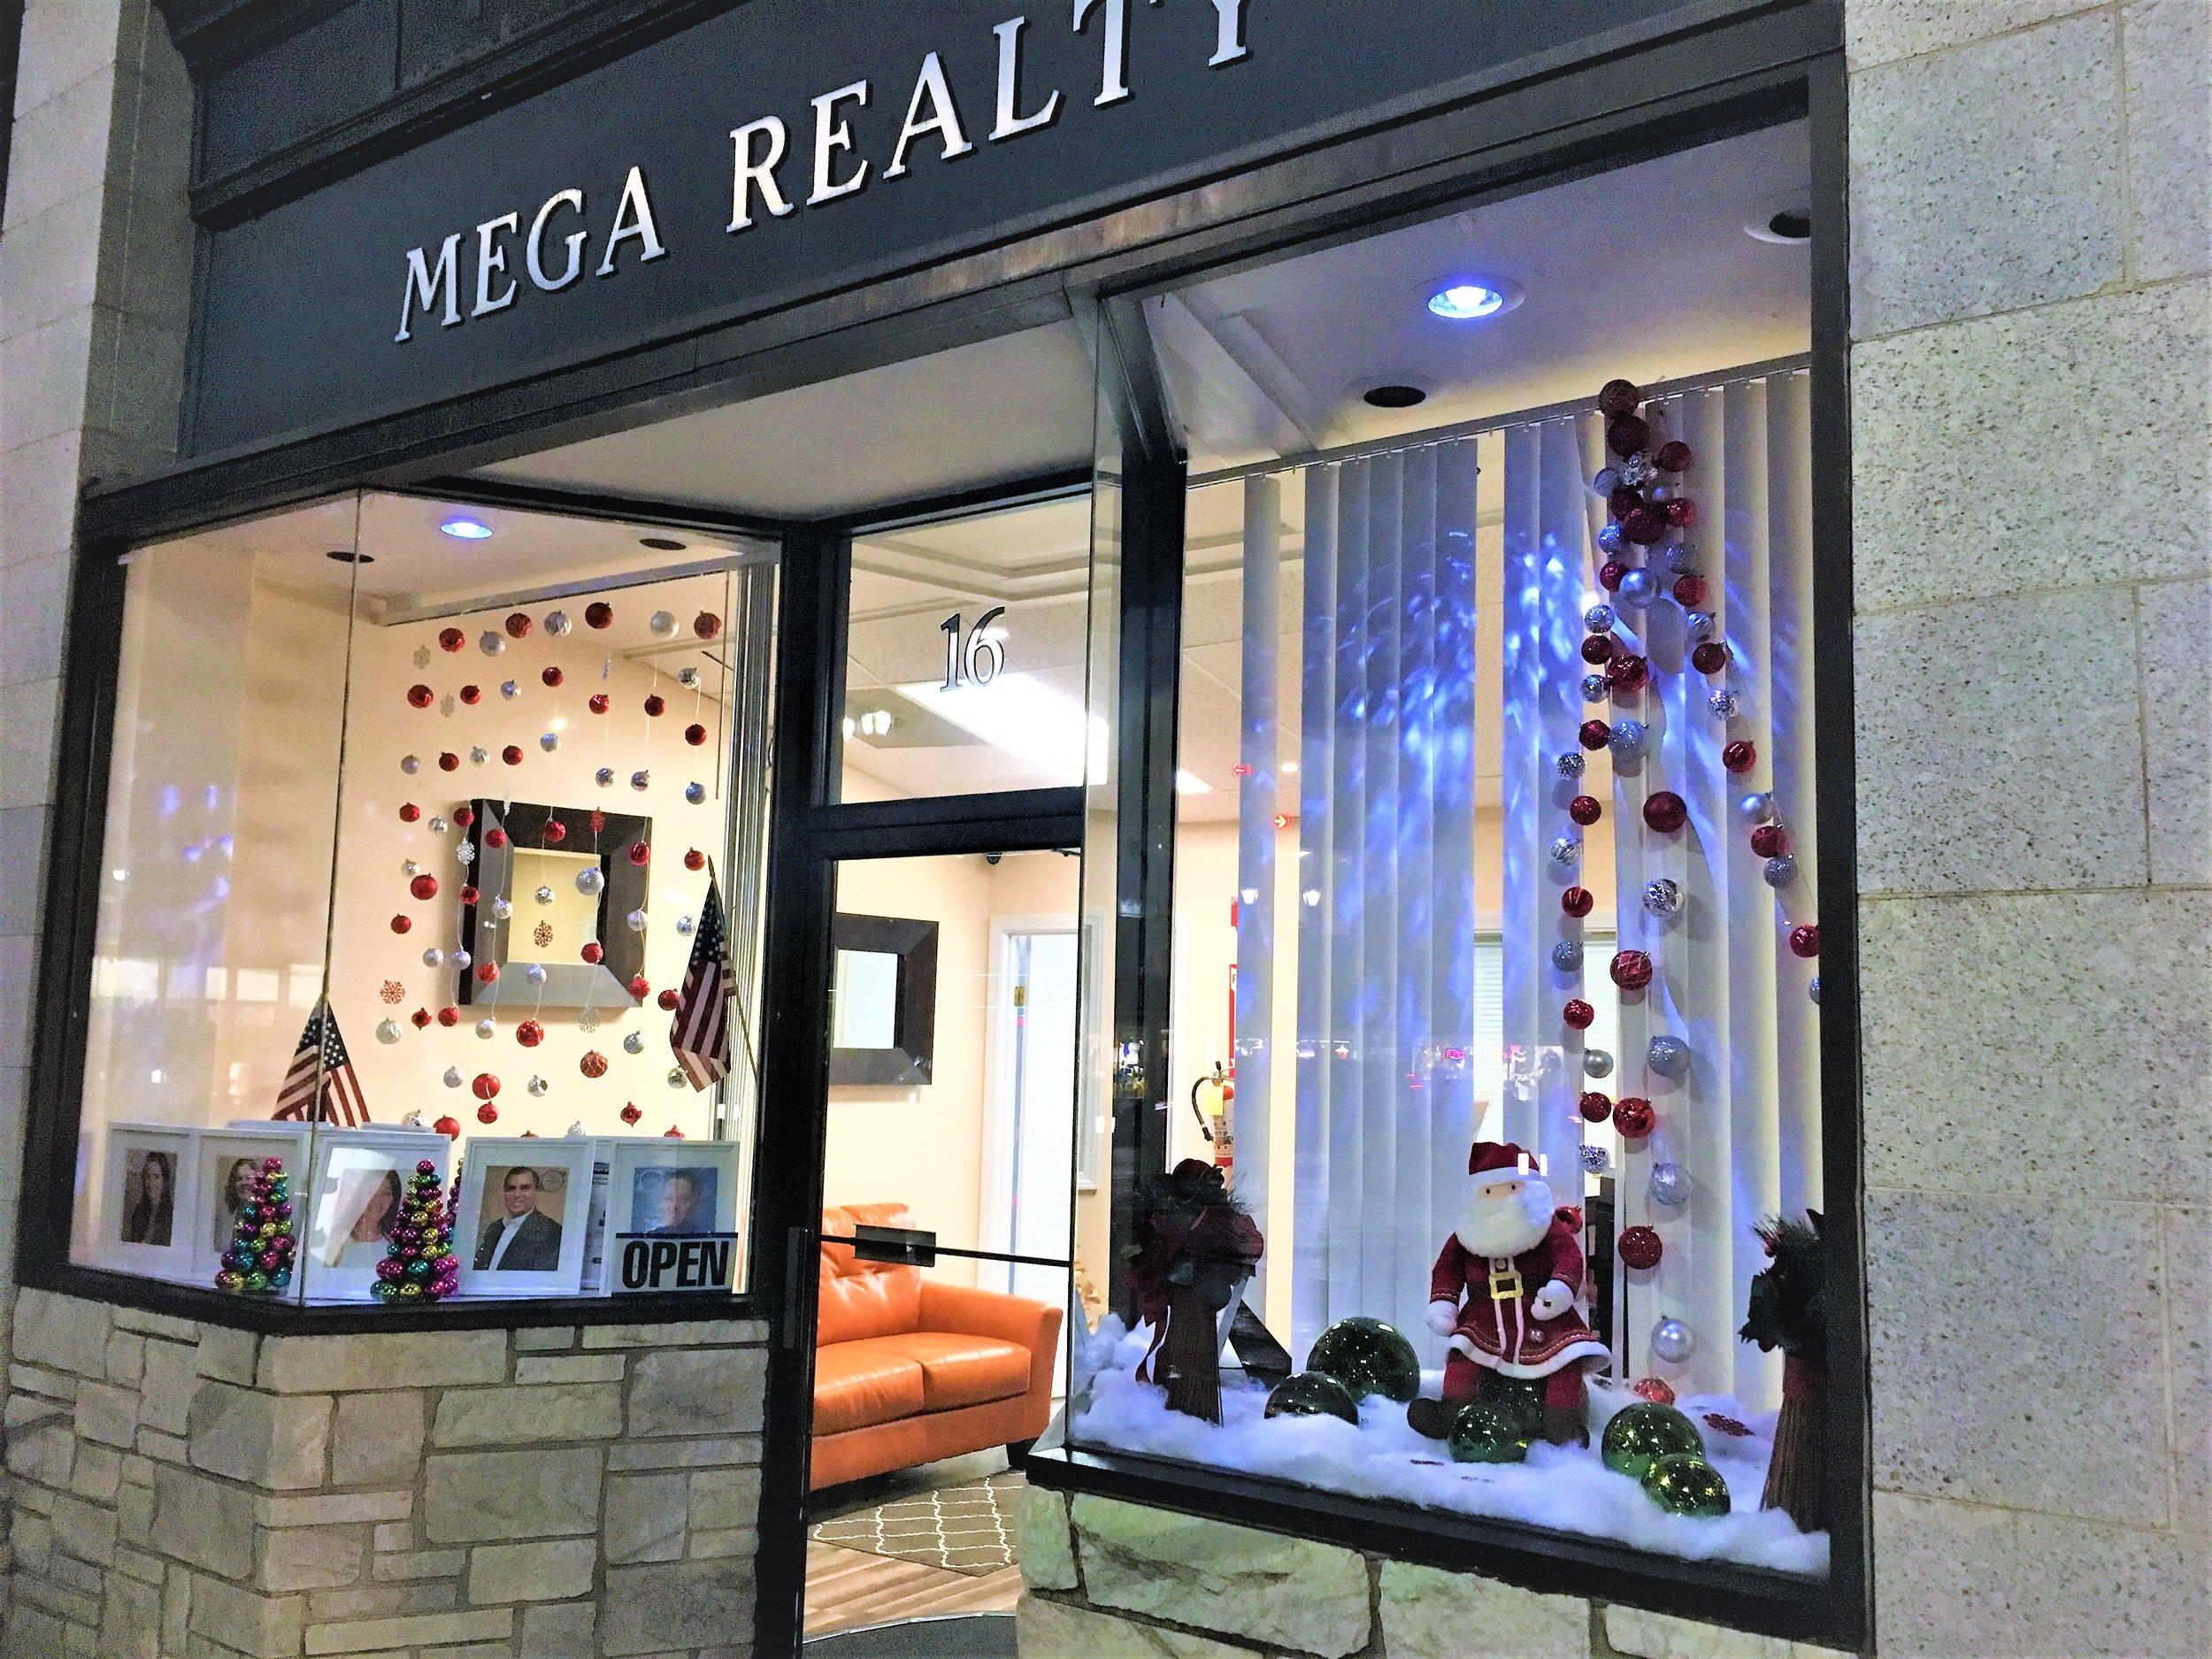 MEGA Realty   16 Union Avenue